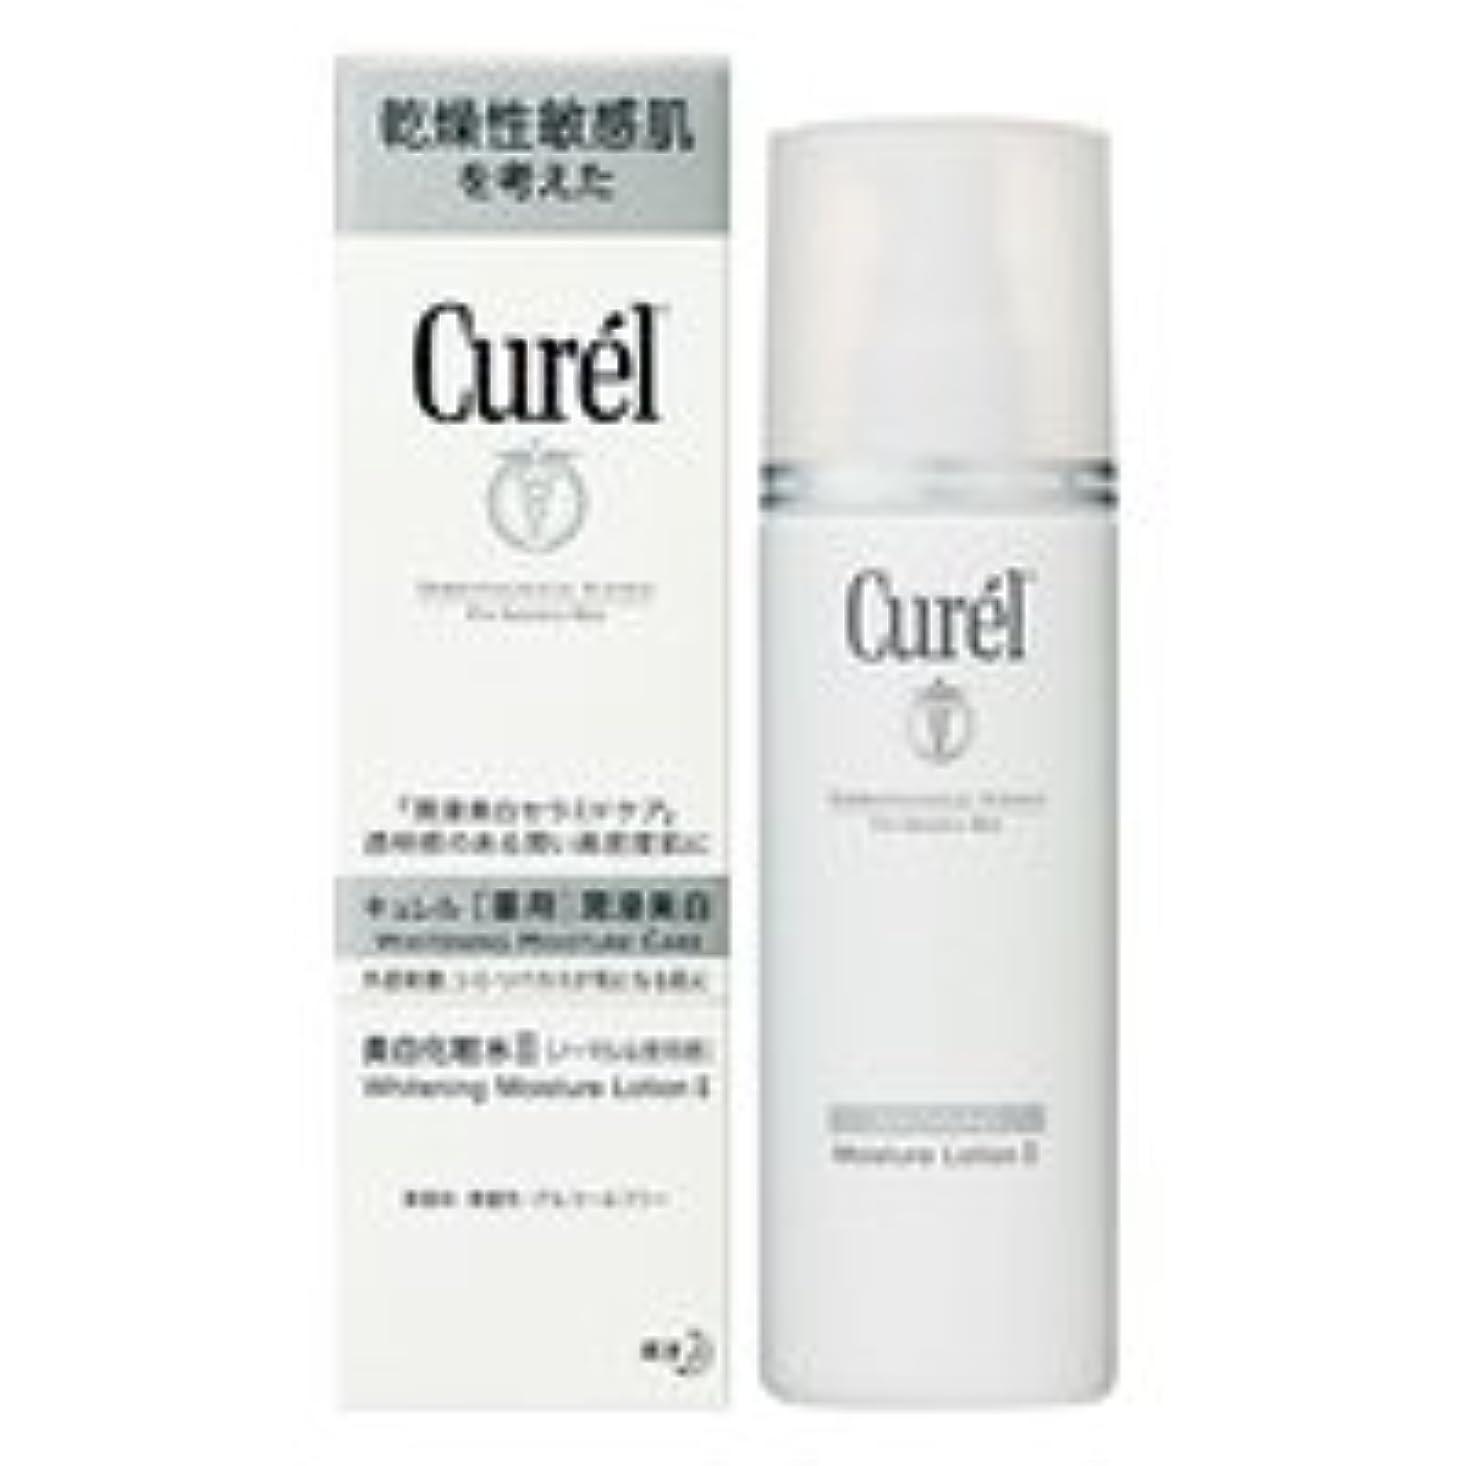 挑むエール避難する花王 キュレル美白化粧水2(ノーマルな使用感)